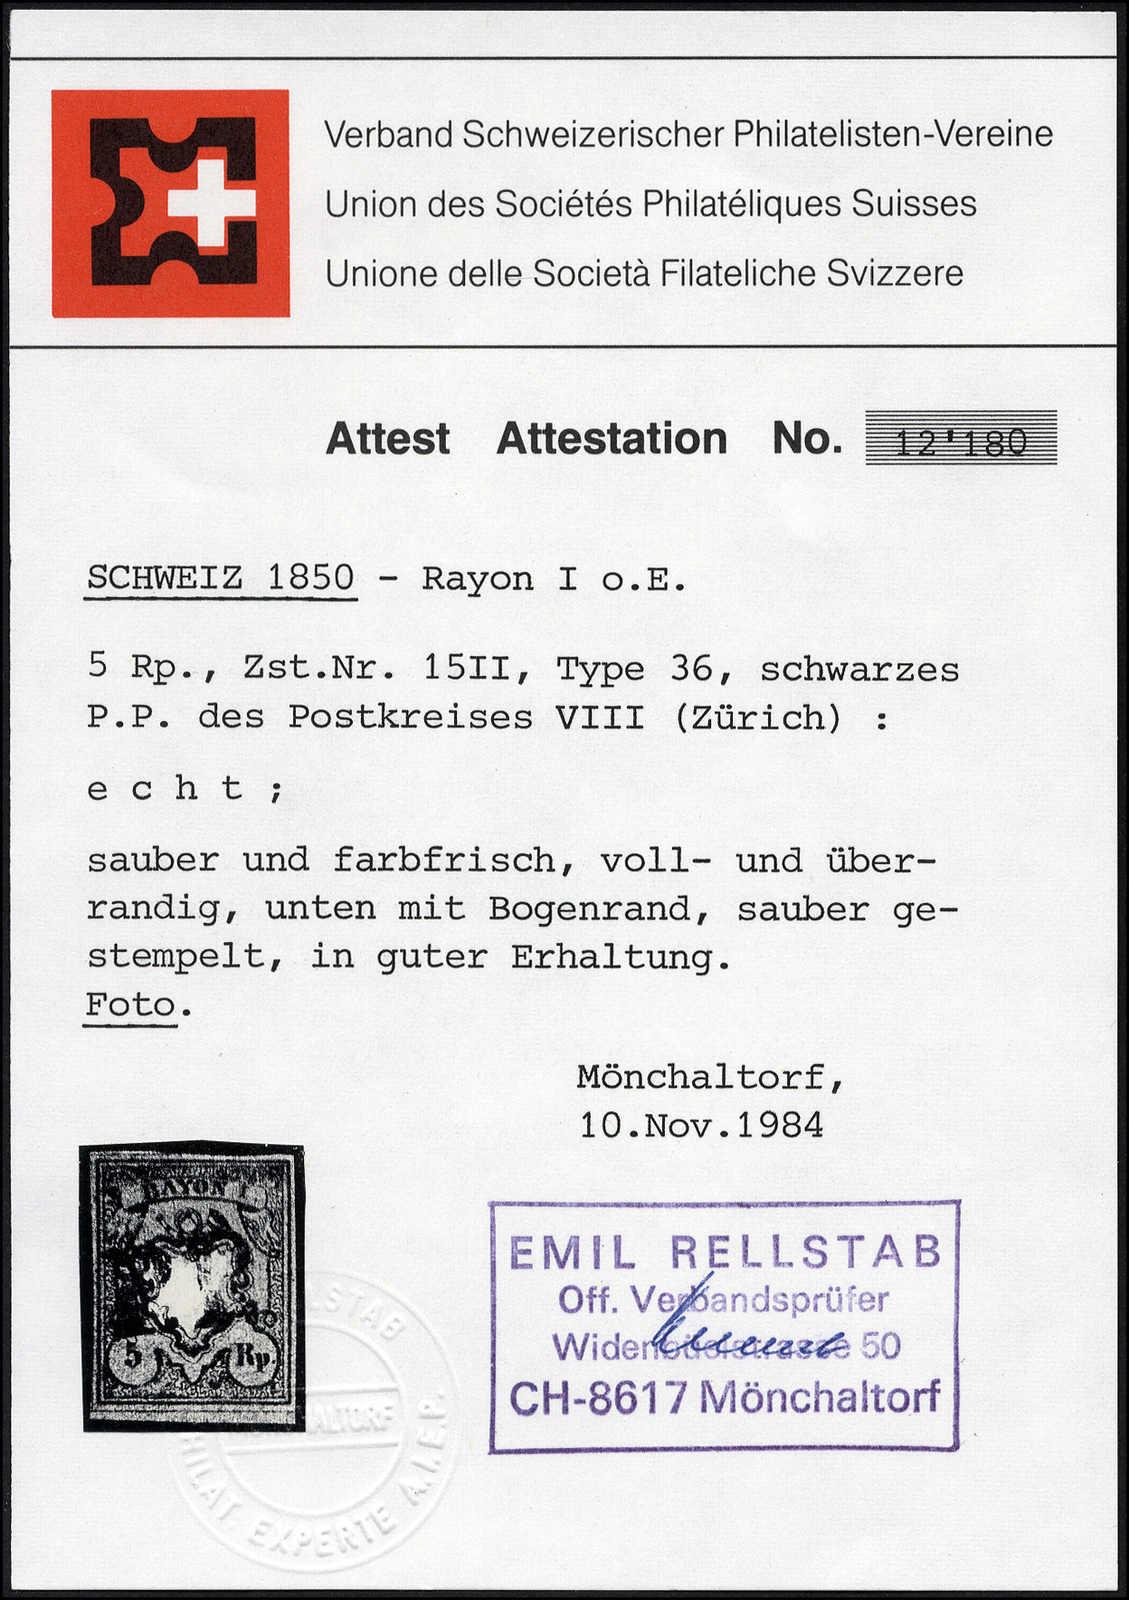 Lot 24 - sammlungen und posten sammlungen und posten altschweiz -  Rolli Auctions Auction #68 Day 1